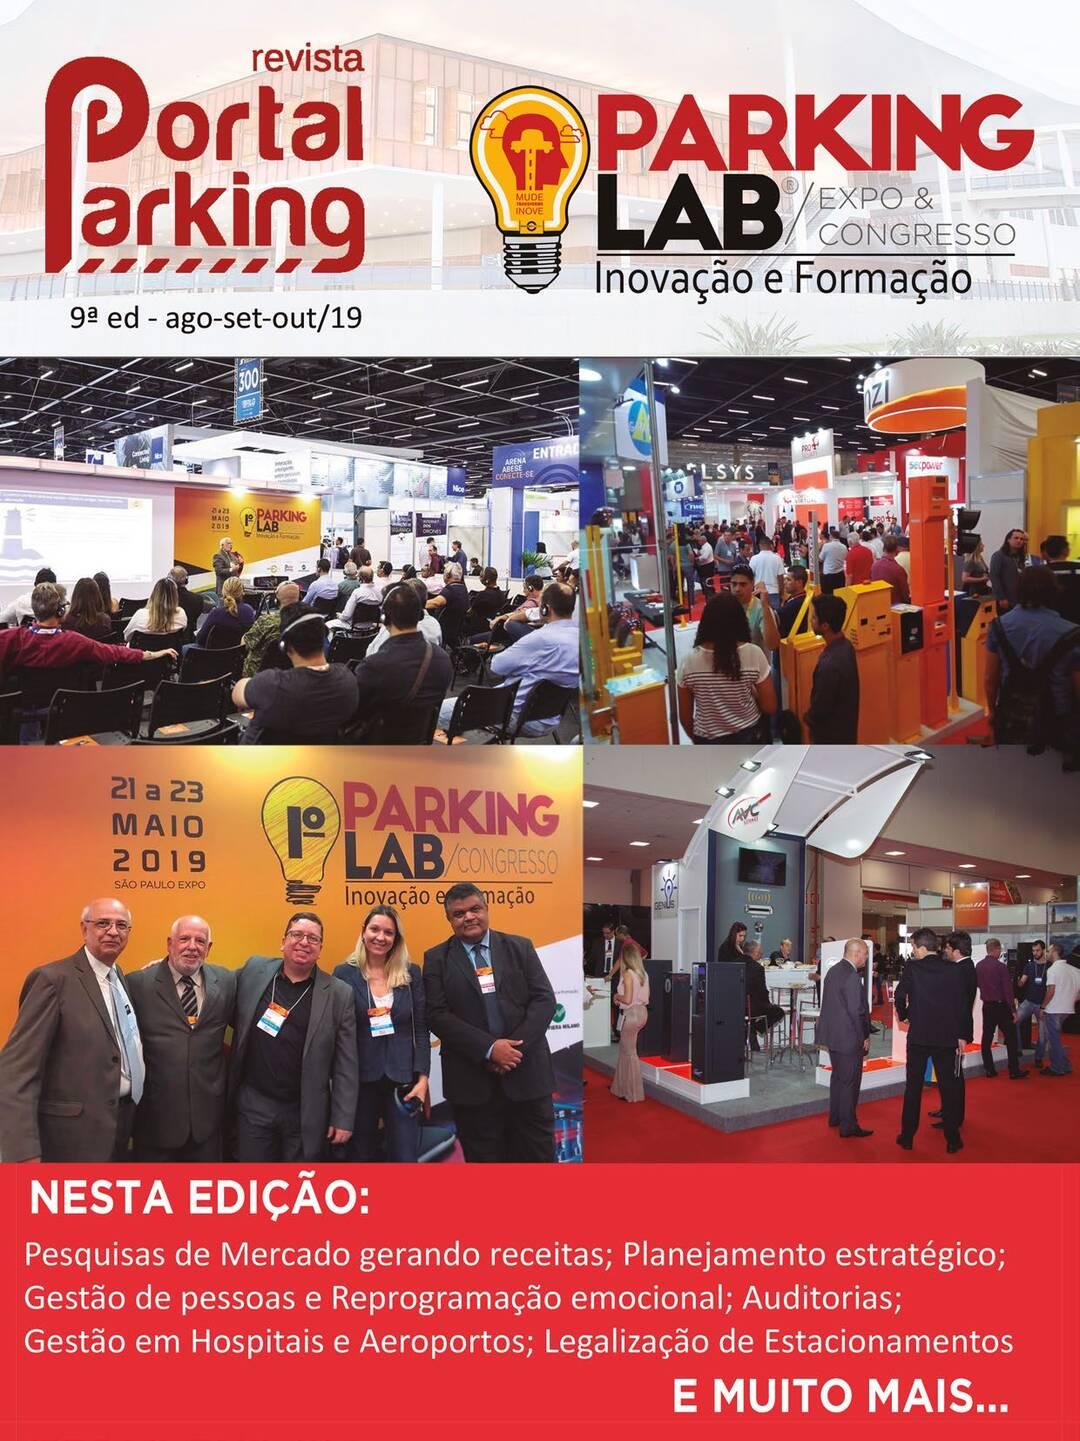 Page 1 of Revista Portal Parking, 9ª edição